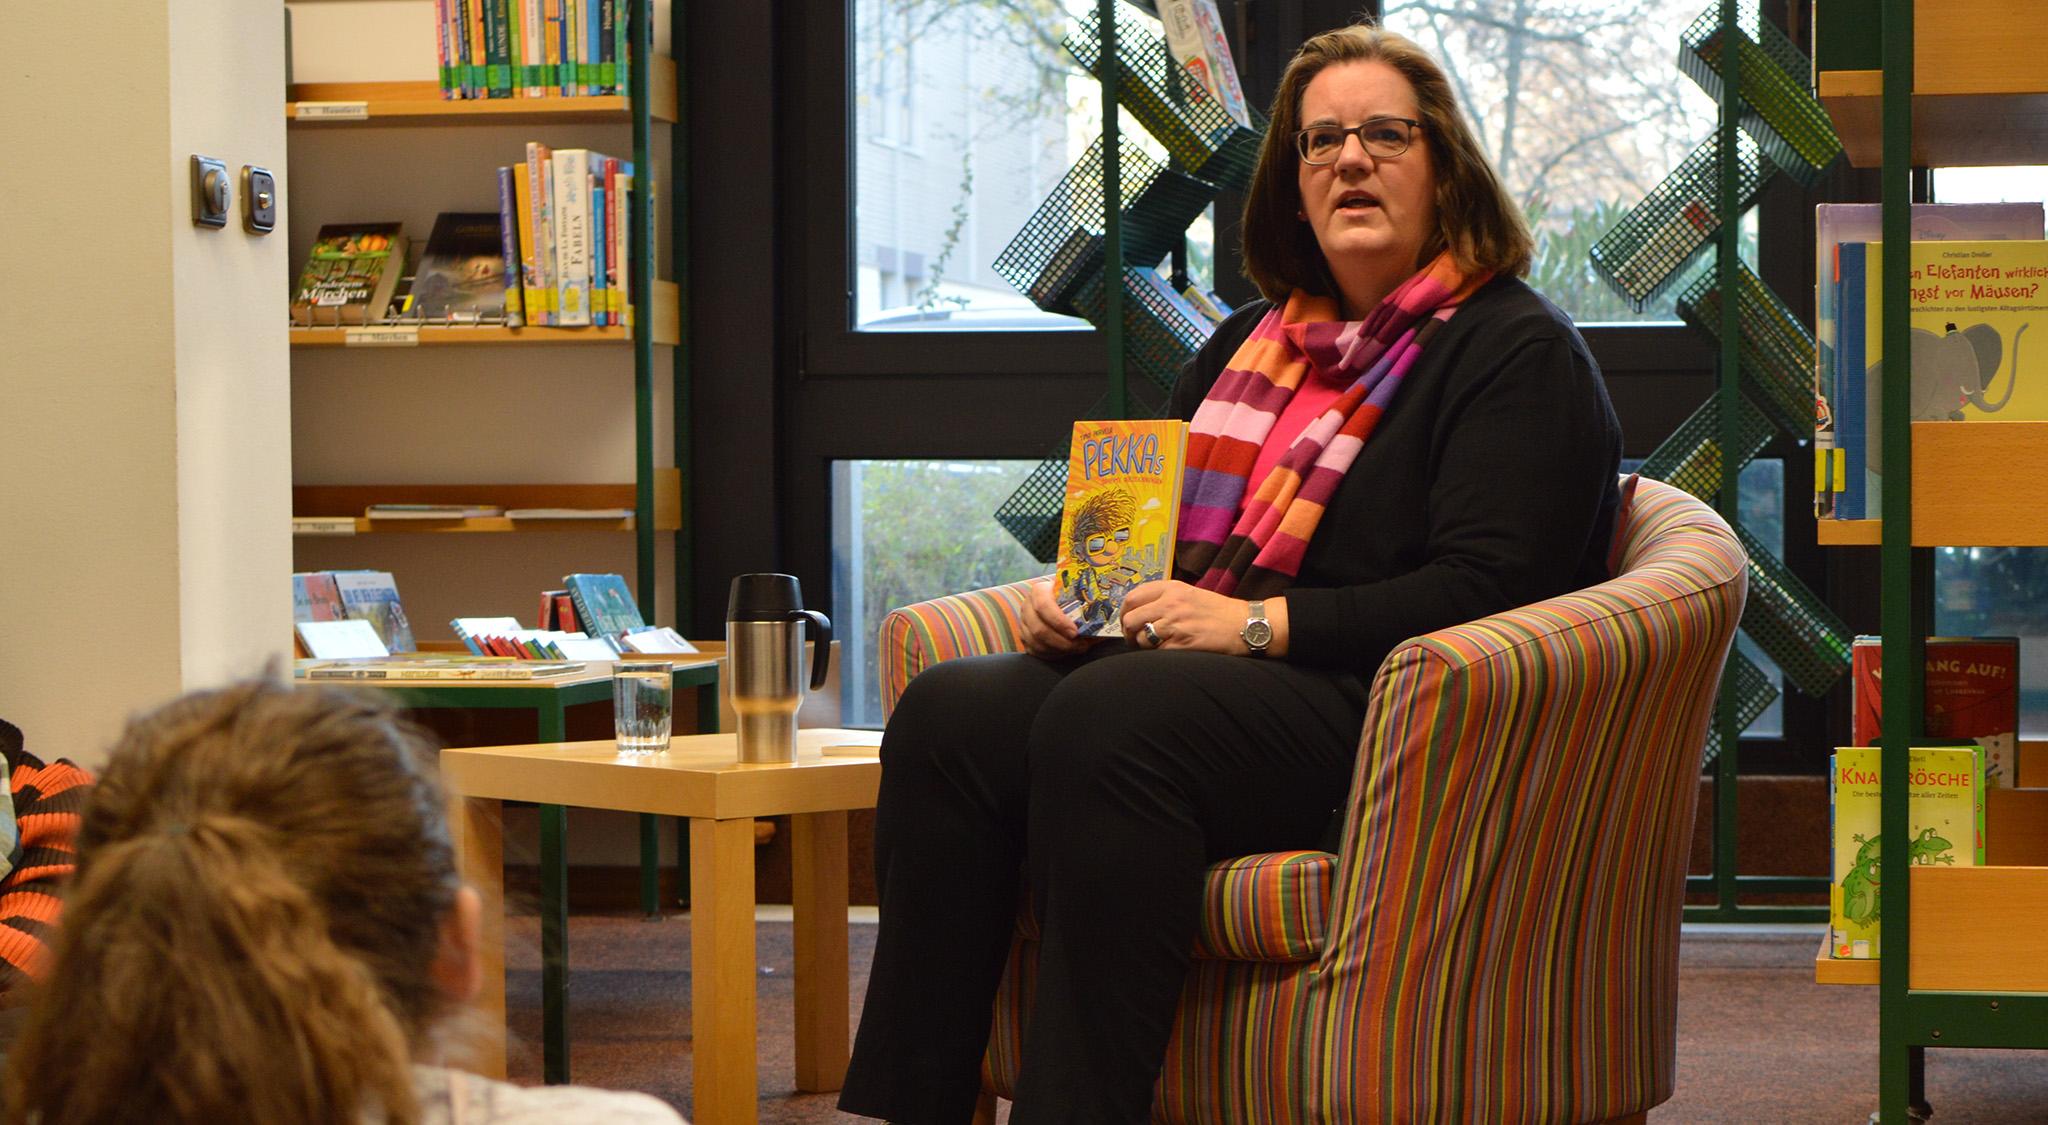 Kerstin Griese liest vor.